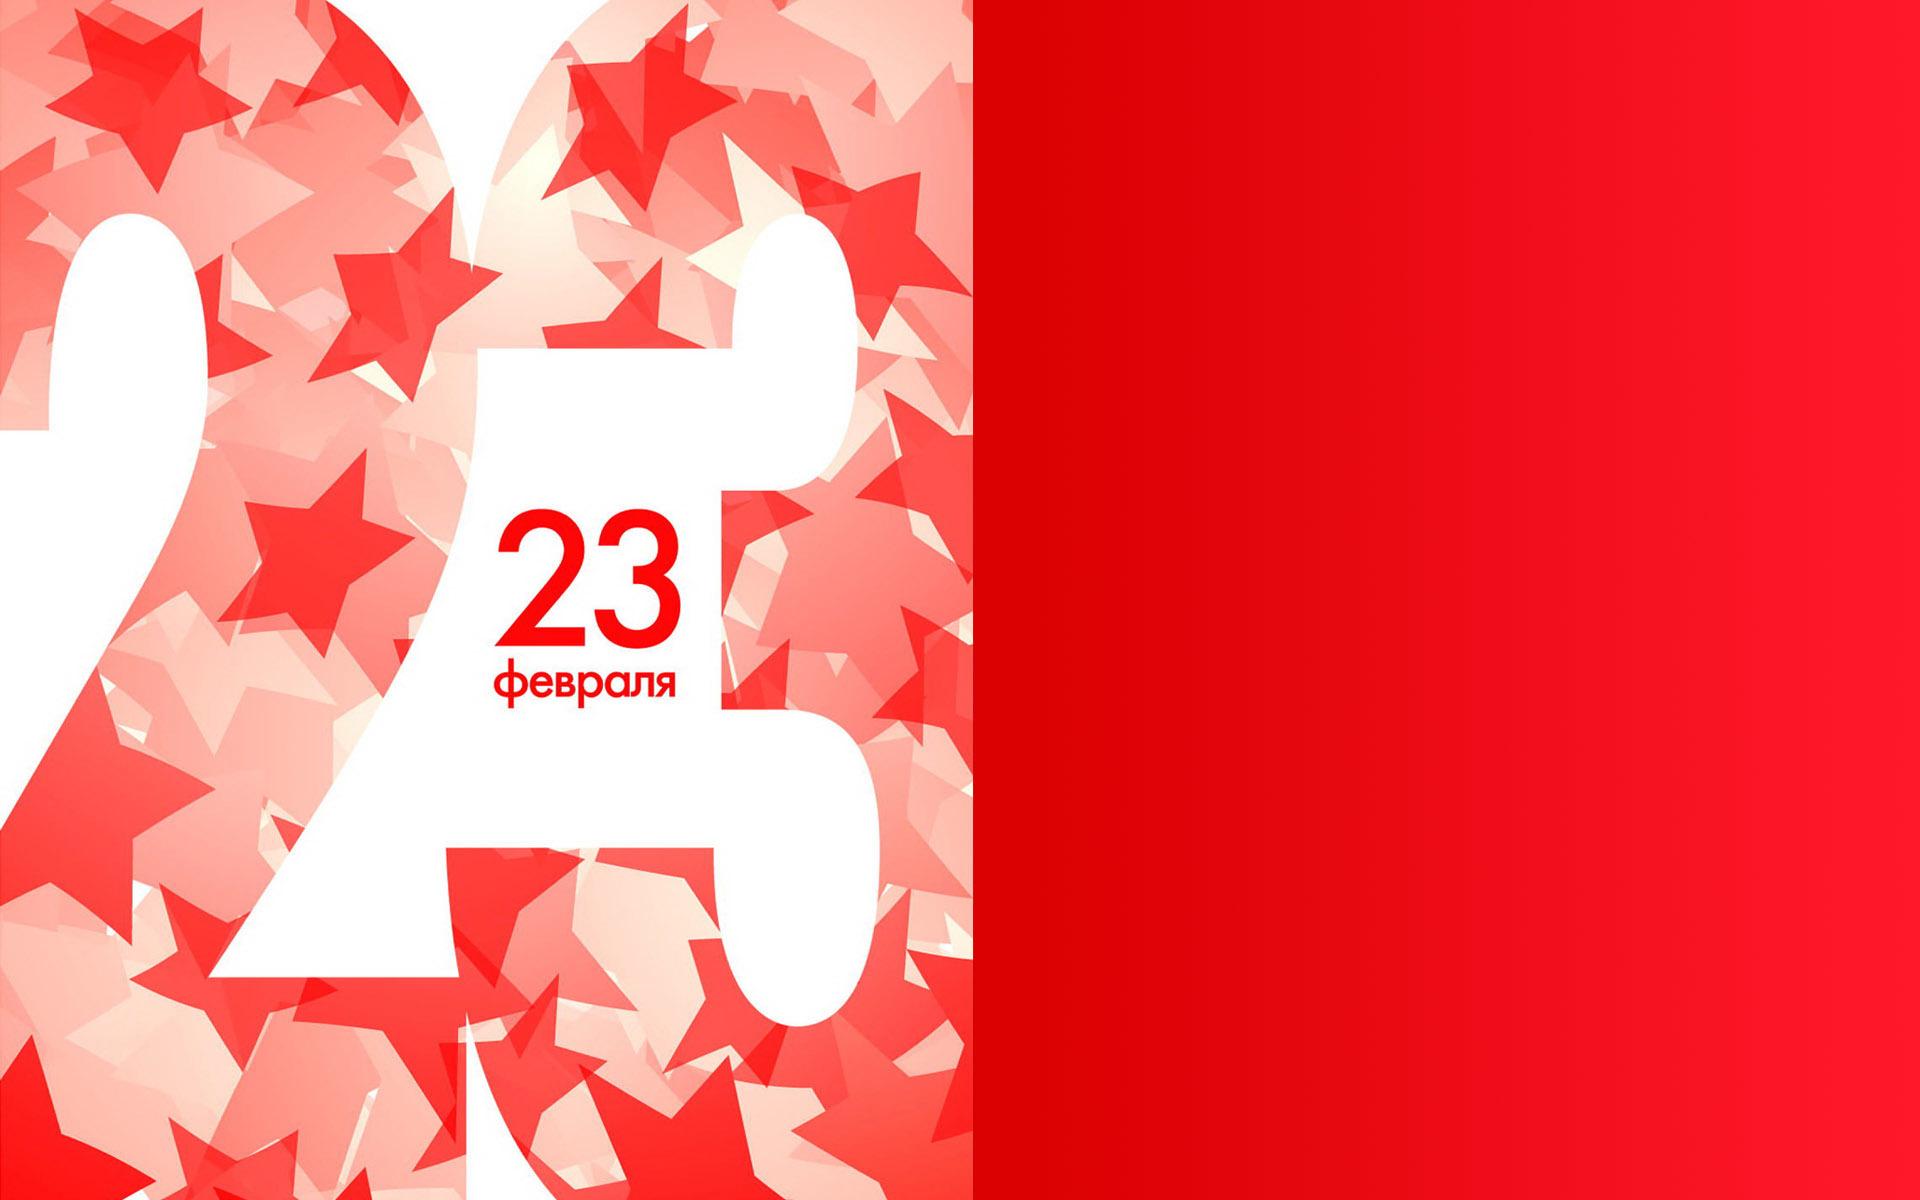 ❶23 официальный праздник|Смс с 23 февраля свекру||День защитника Отечества. 23 февраля. Государственный праздник России|}